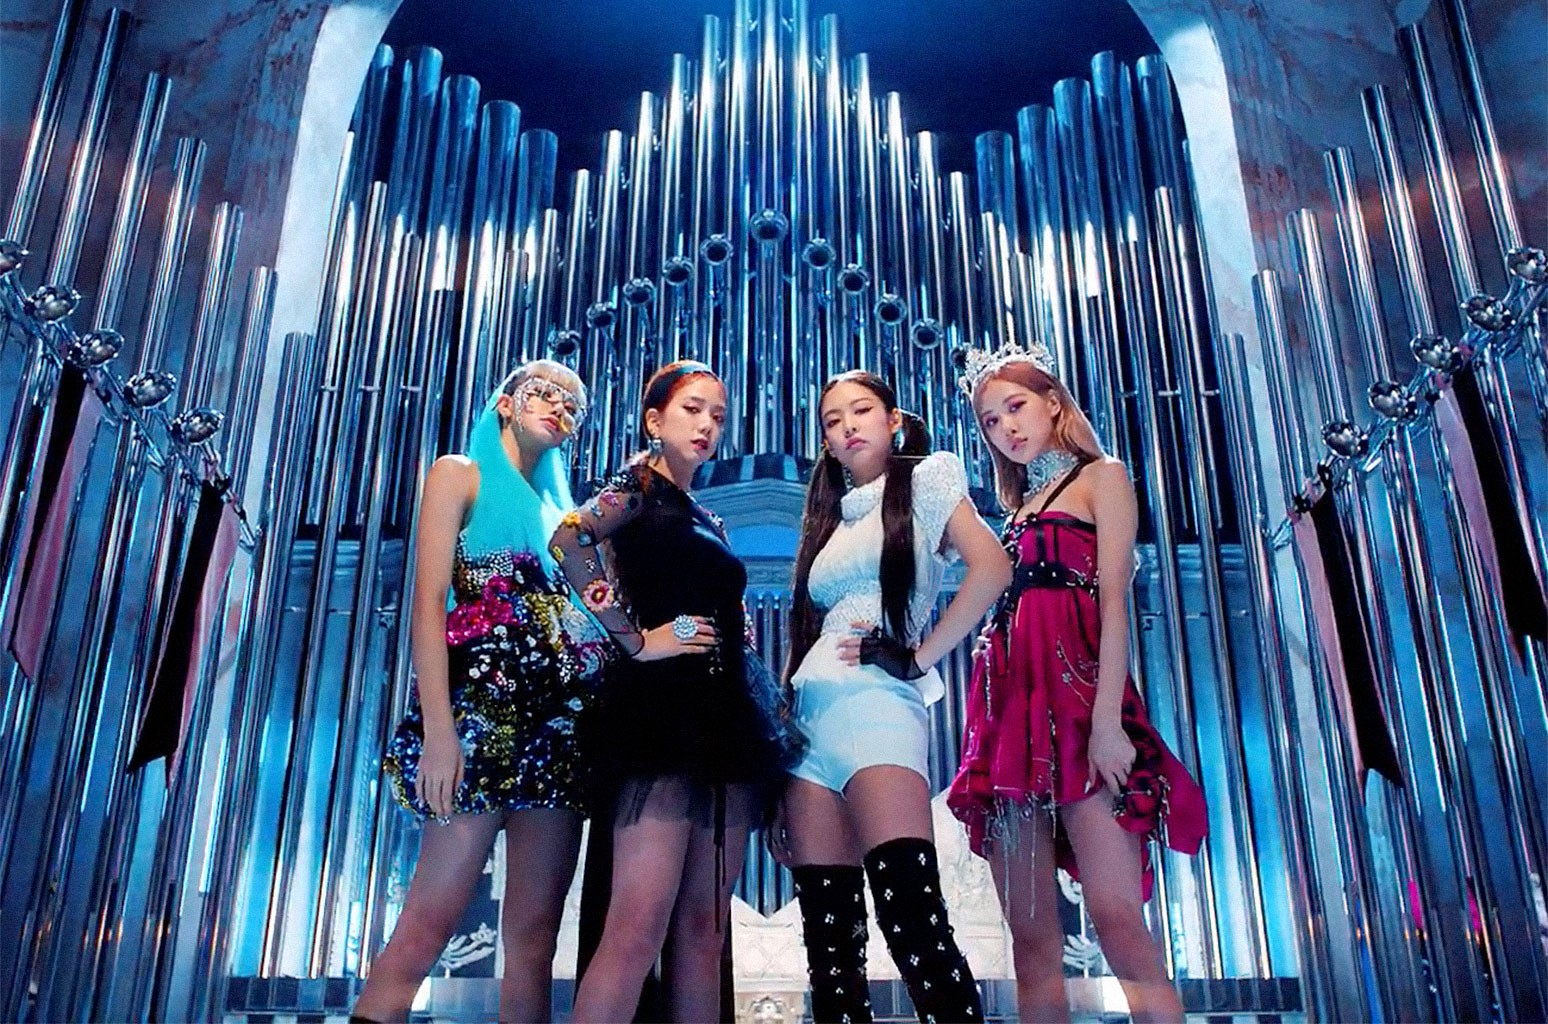 Điểm mặt 4 MV có lượt xem khủng nhất trong 24 giờ: Ariana Grande bất bại, Taylor Swift ngậm ngùi chào thua đại diện Kpop - Ảnh 5.